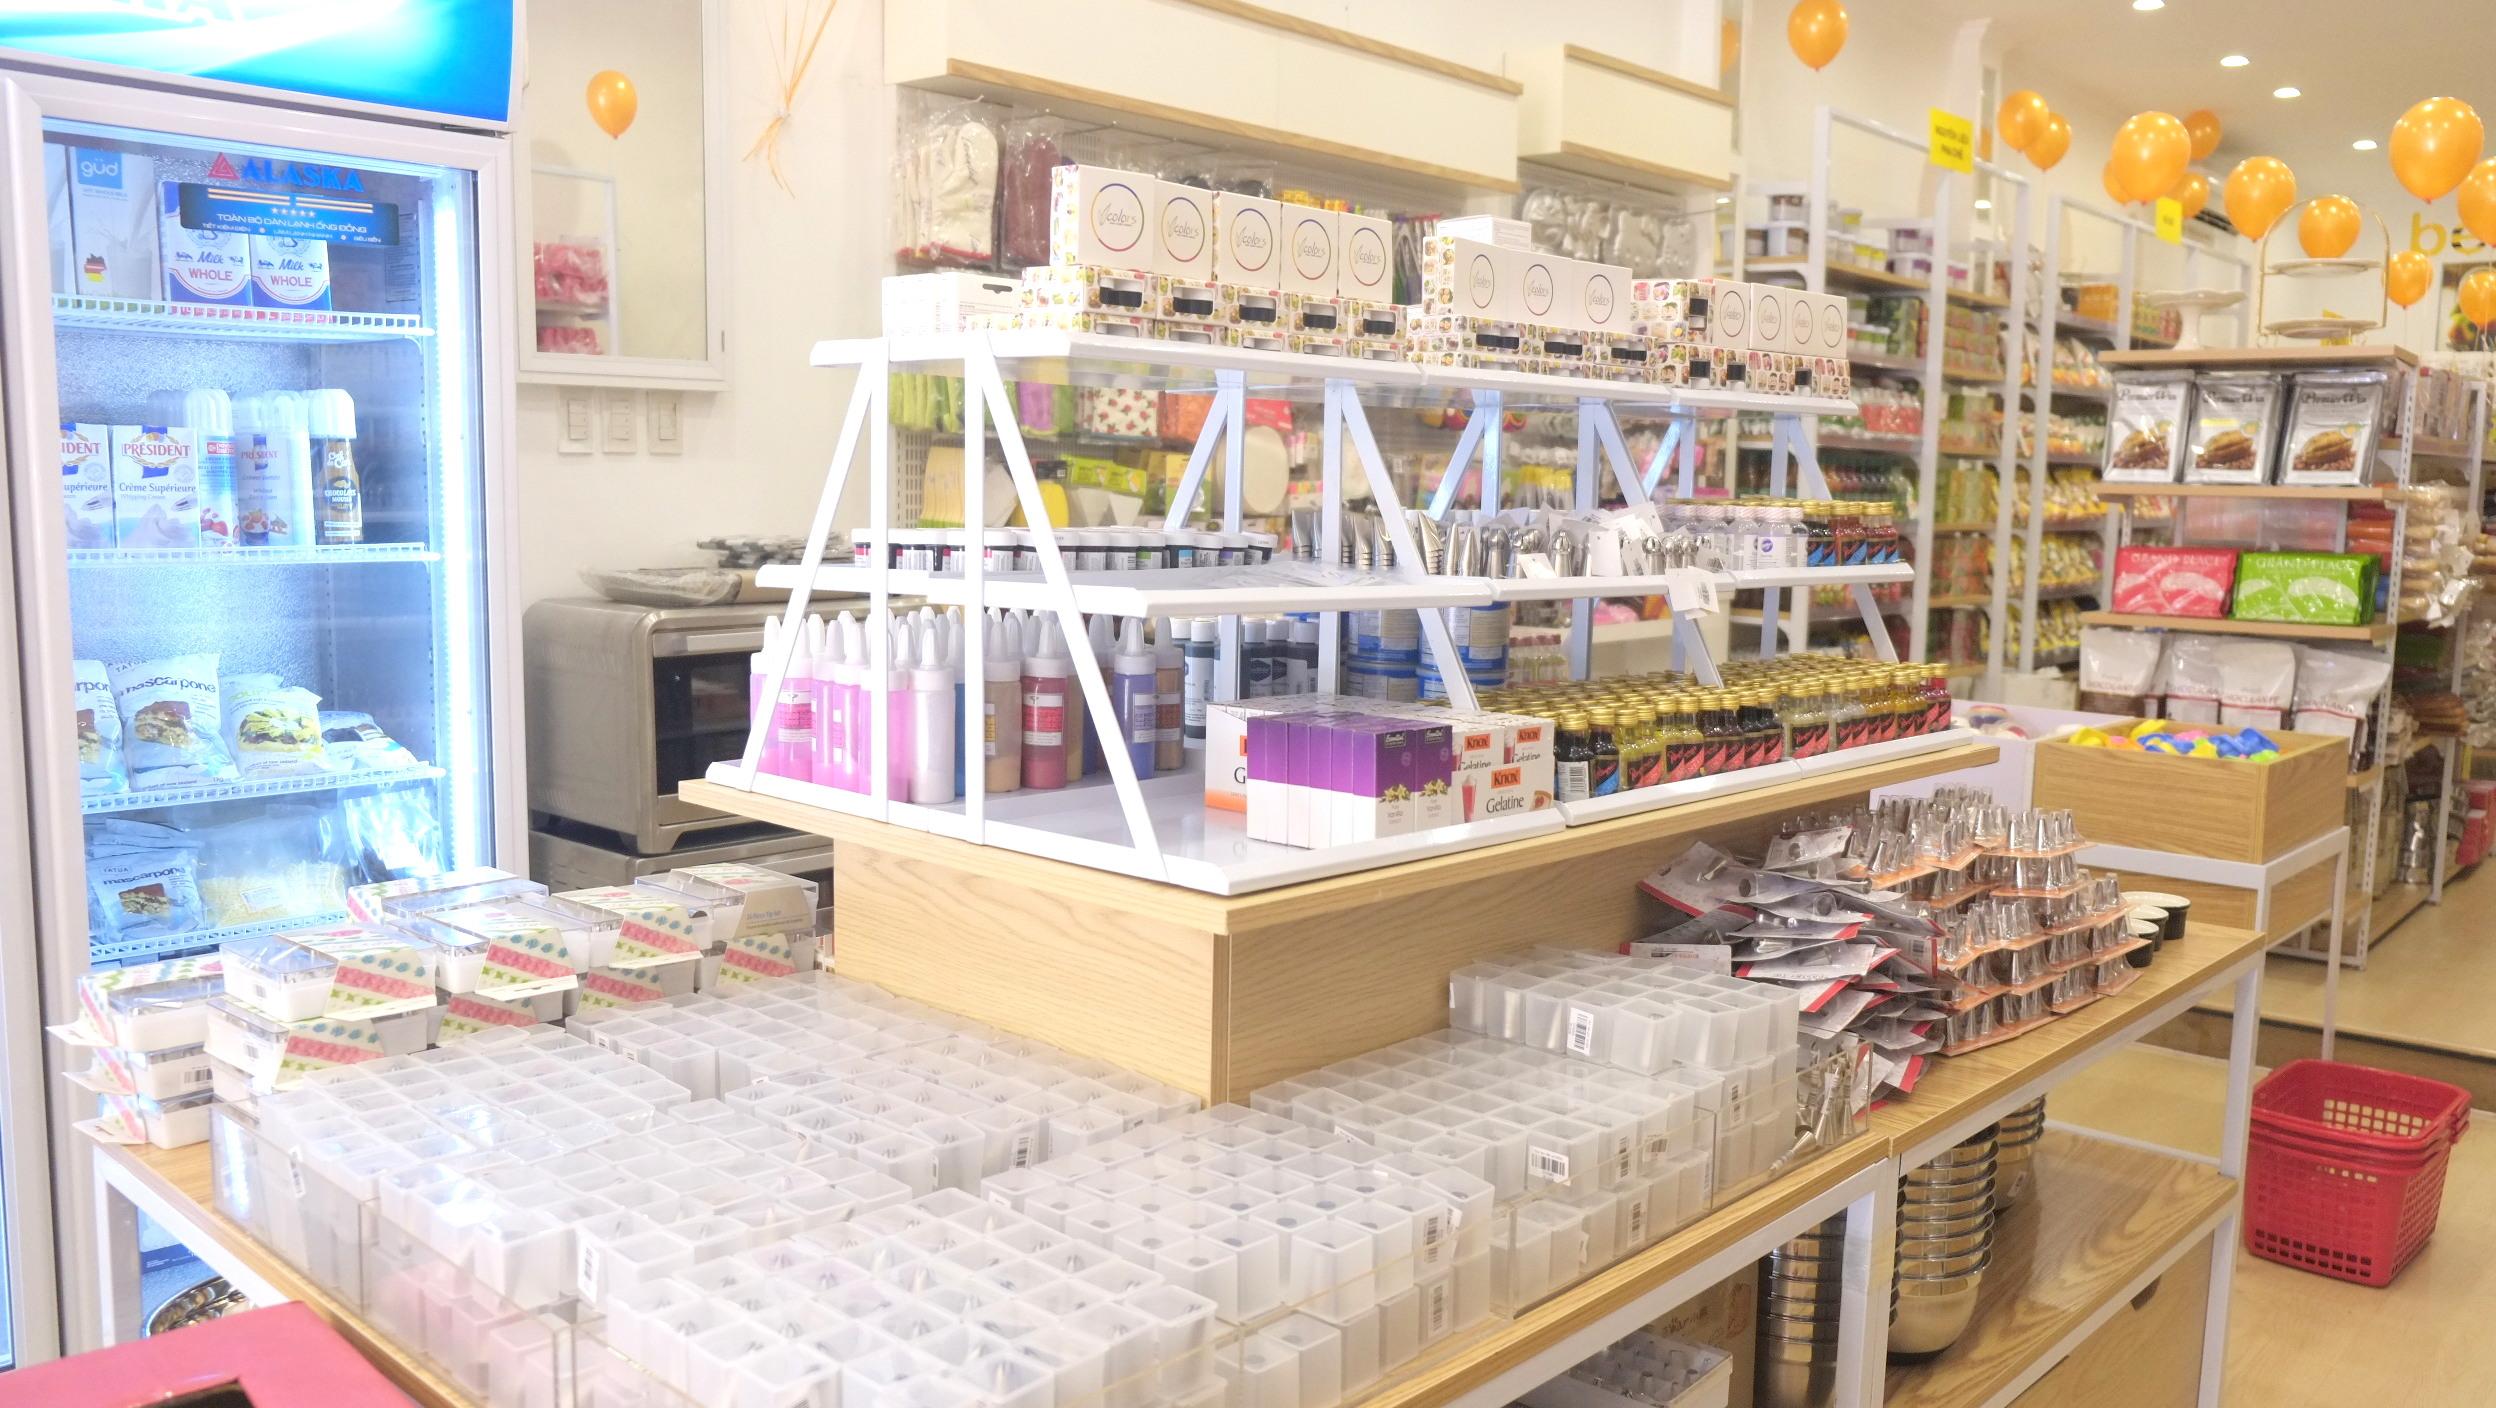 cửa hàng đồ làm bánh tại tp.hcm  Beemart ra mắt cửa hàng thứ 4, chính thức Nam tiến sau 2 năm thành lập anh 25